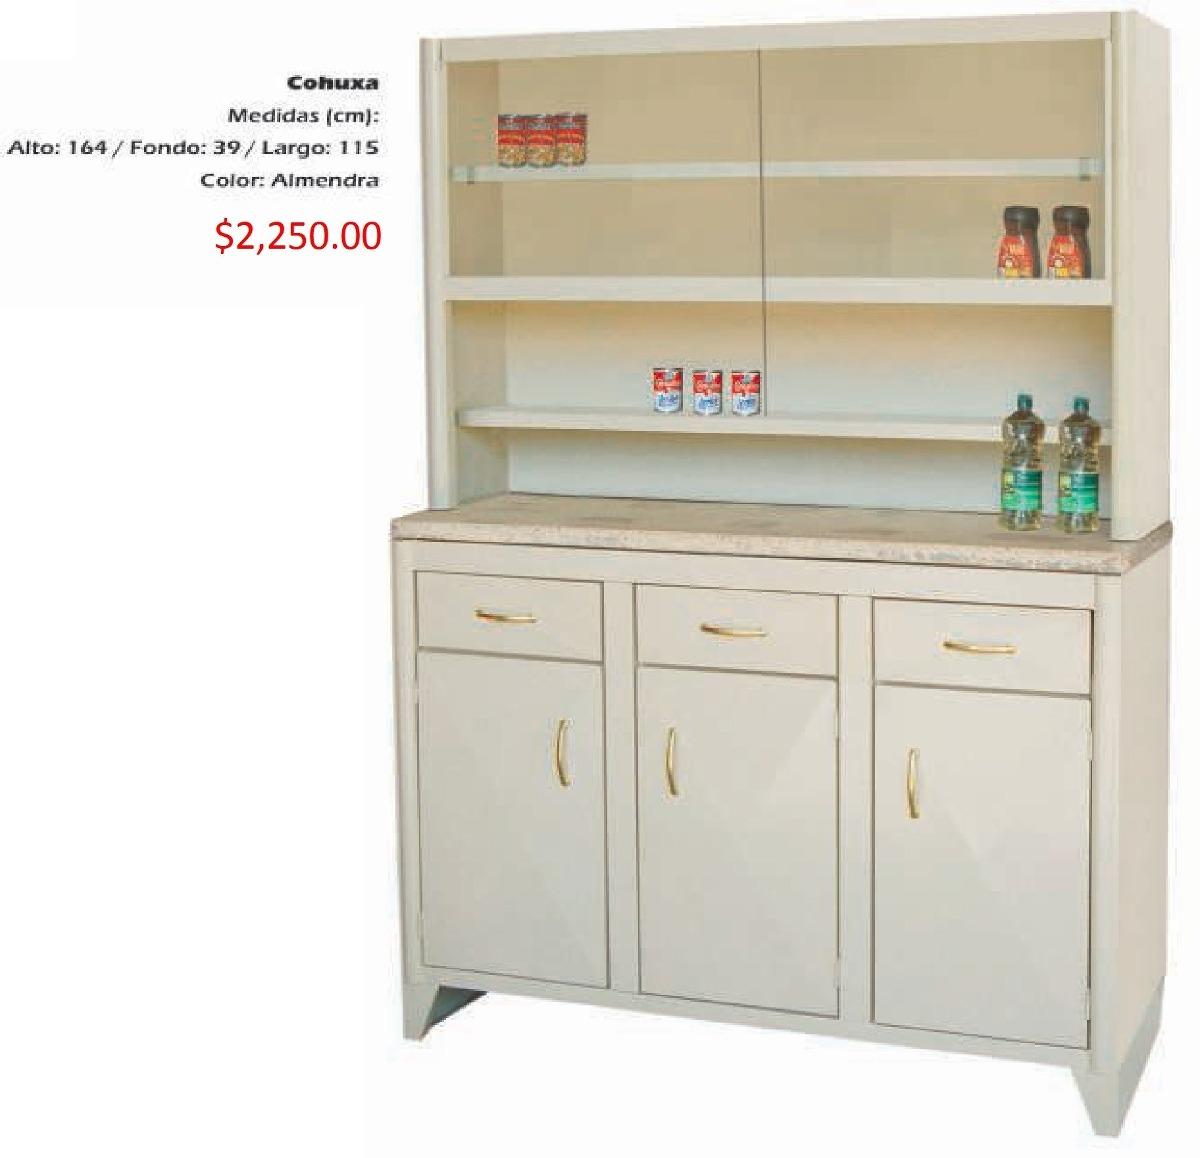 Mueble para cocina modelo cohuxa 2 en mercadolibre for Muebles para cocina precios